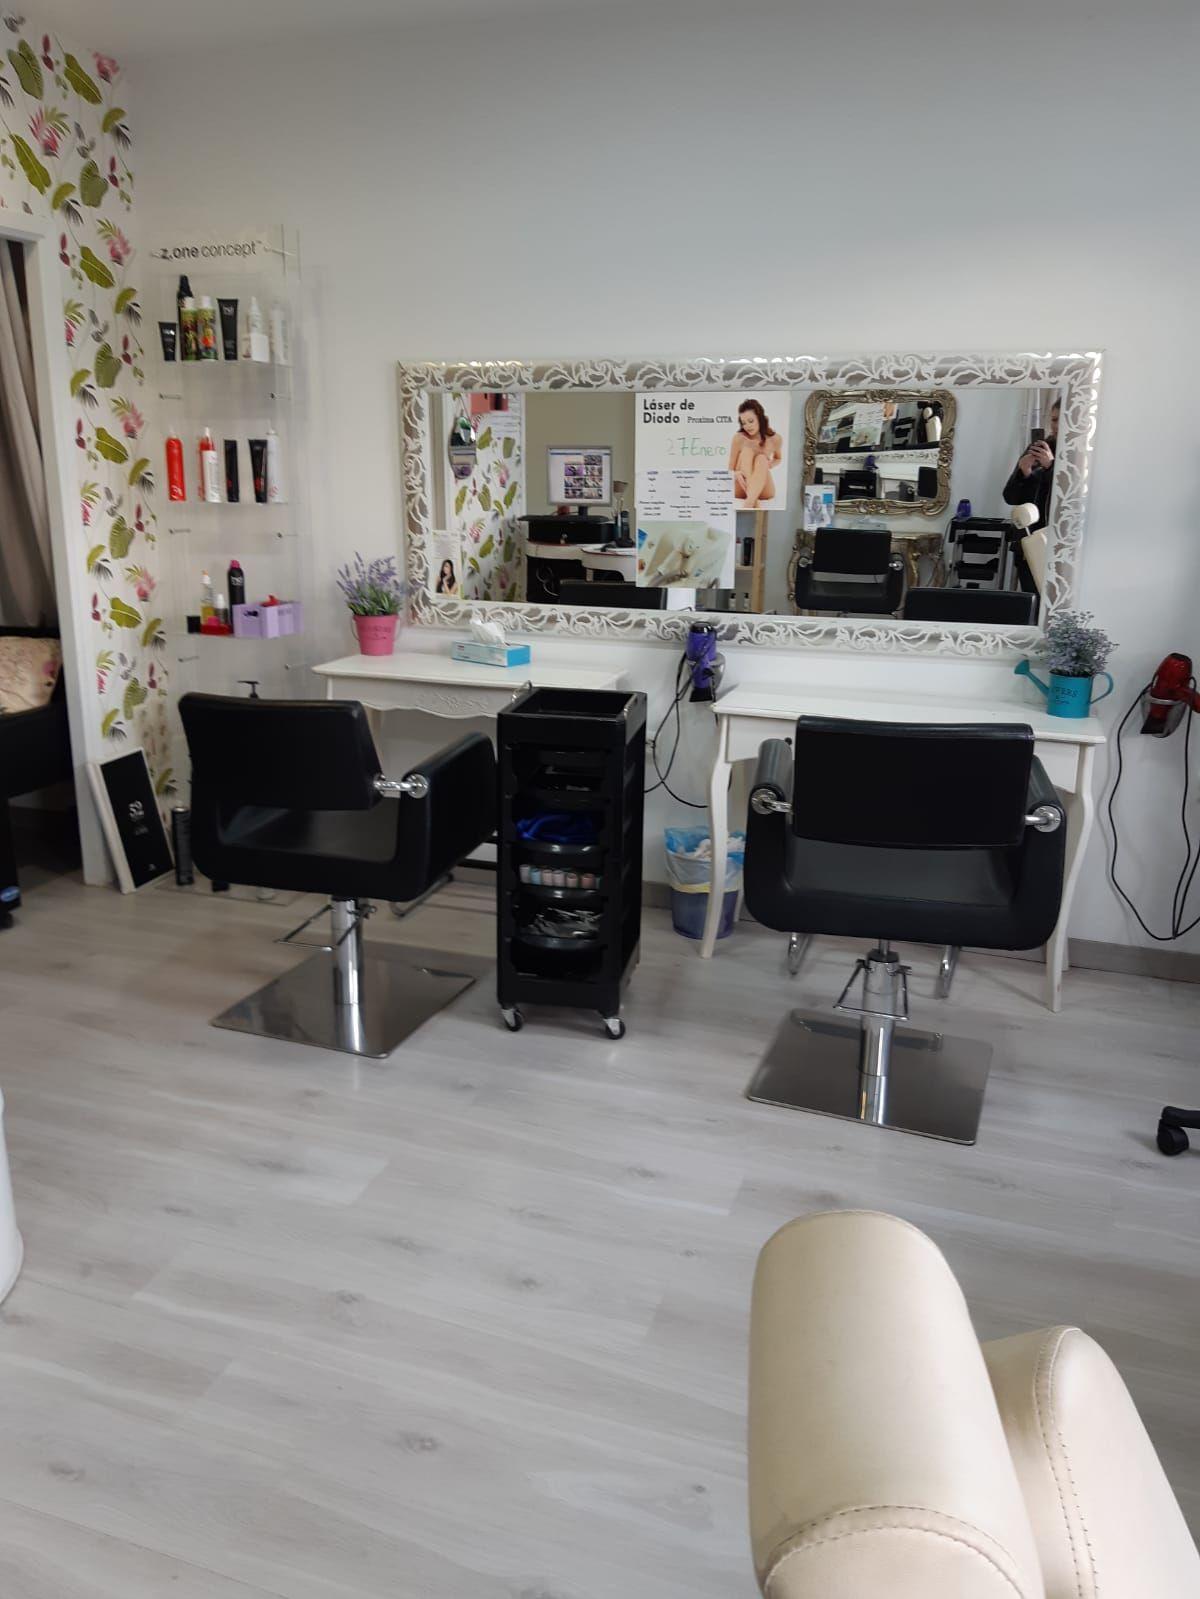 Instalaciones de la peluquería